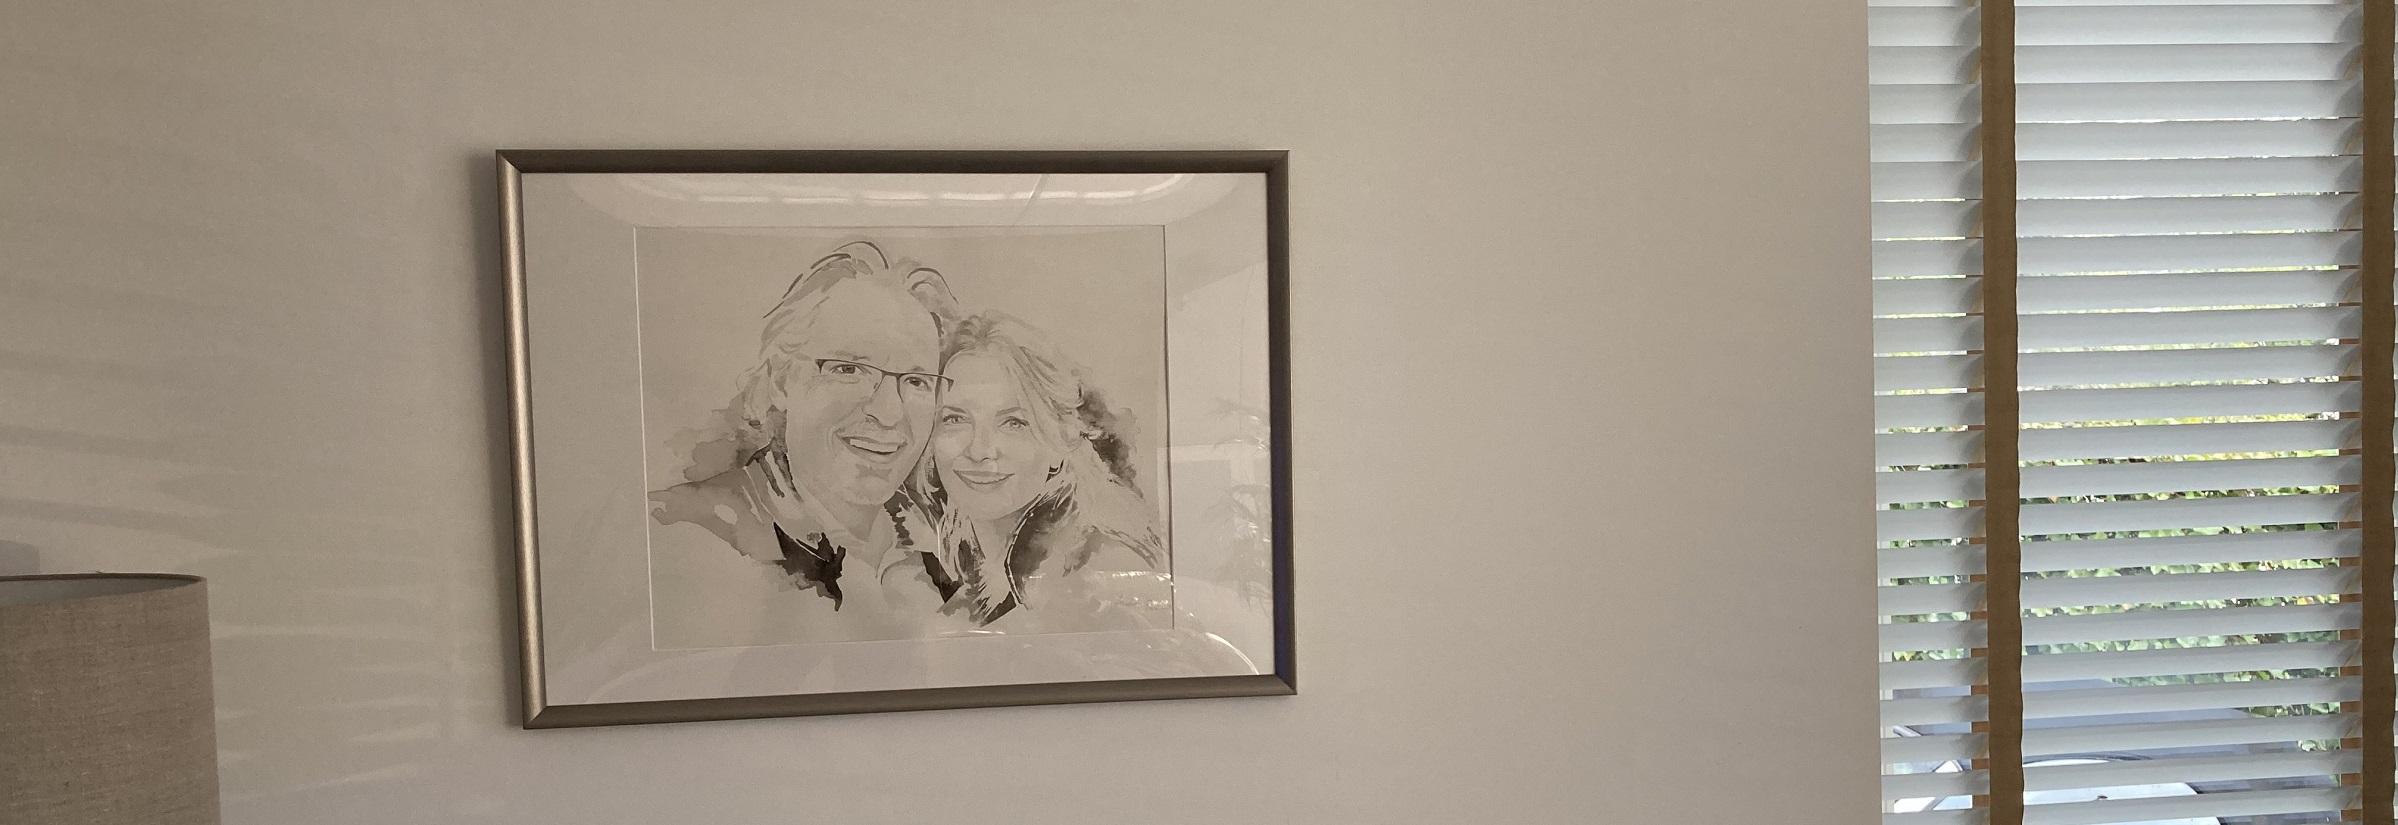 foto portret Frans en Lesya behorende bij recensie voor MadameRuiz